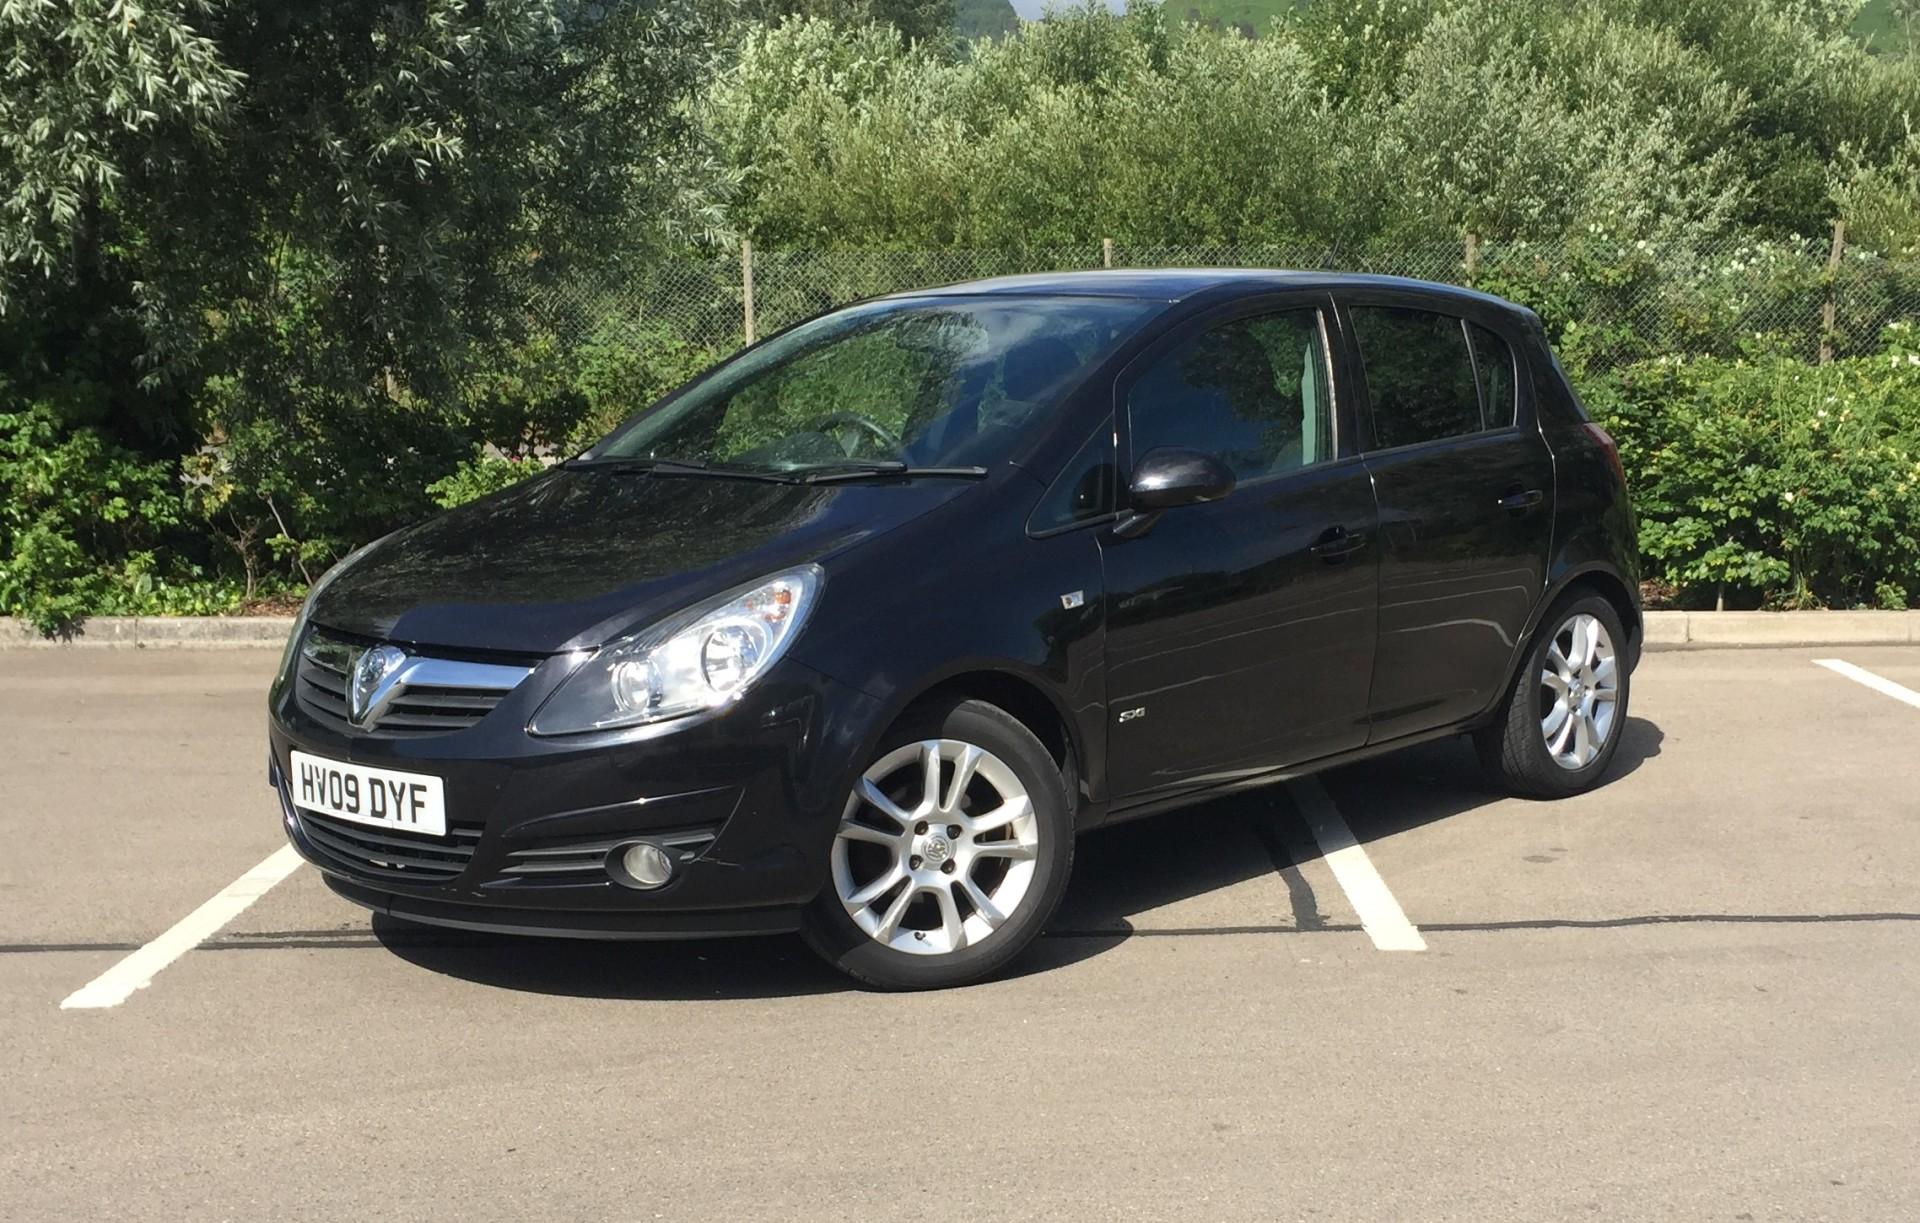 £16/week £3,000 Vauxhall Corsa 1.4 SXi 5 Door 78,597 Miles